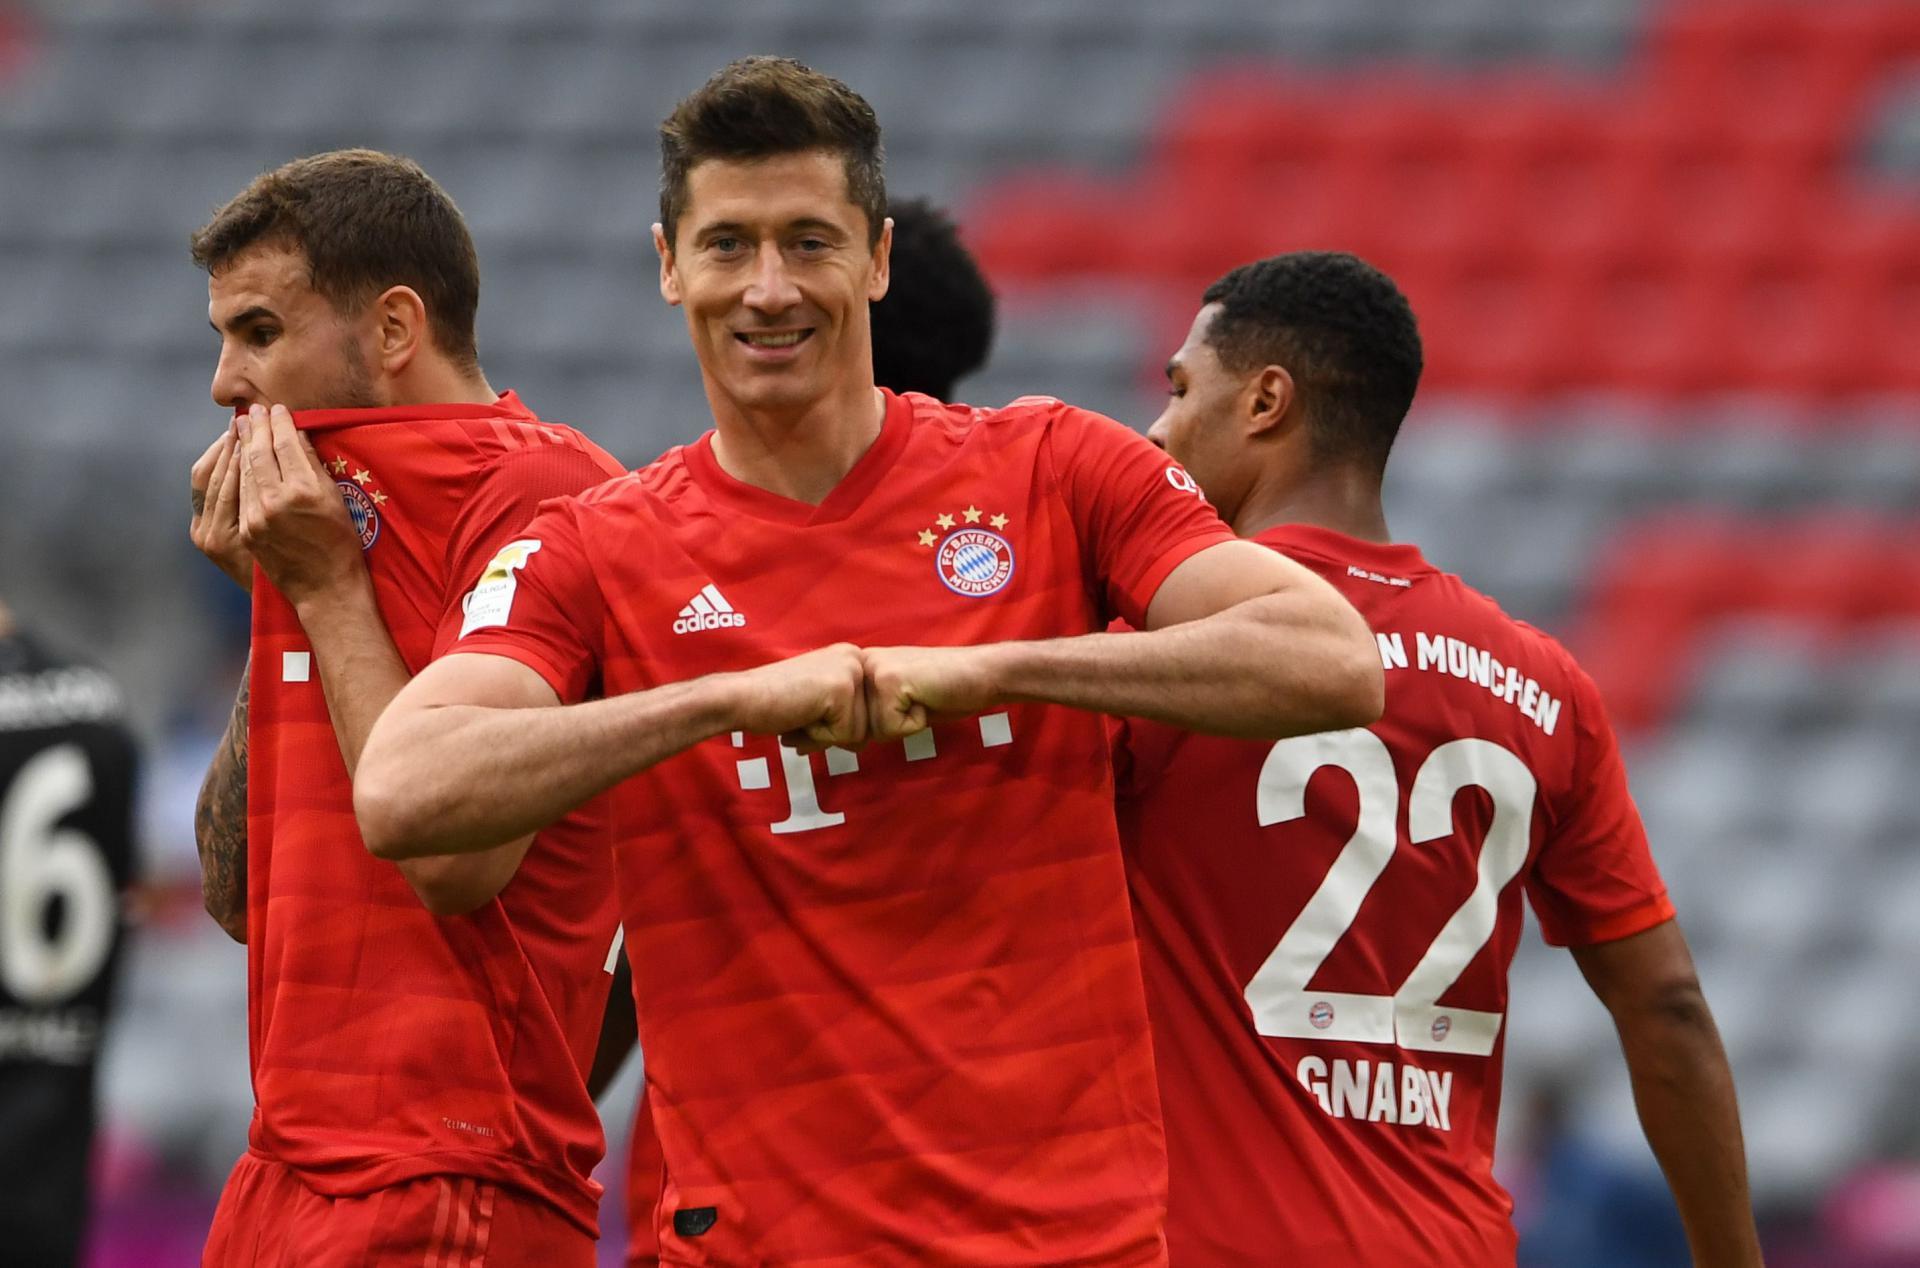 Bayern korak bliže rekordnom 30. naslovu prvaka, osmog u nizu: sad već imaju deset bodova više od Borussije